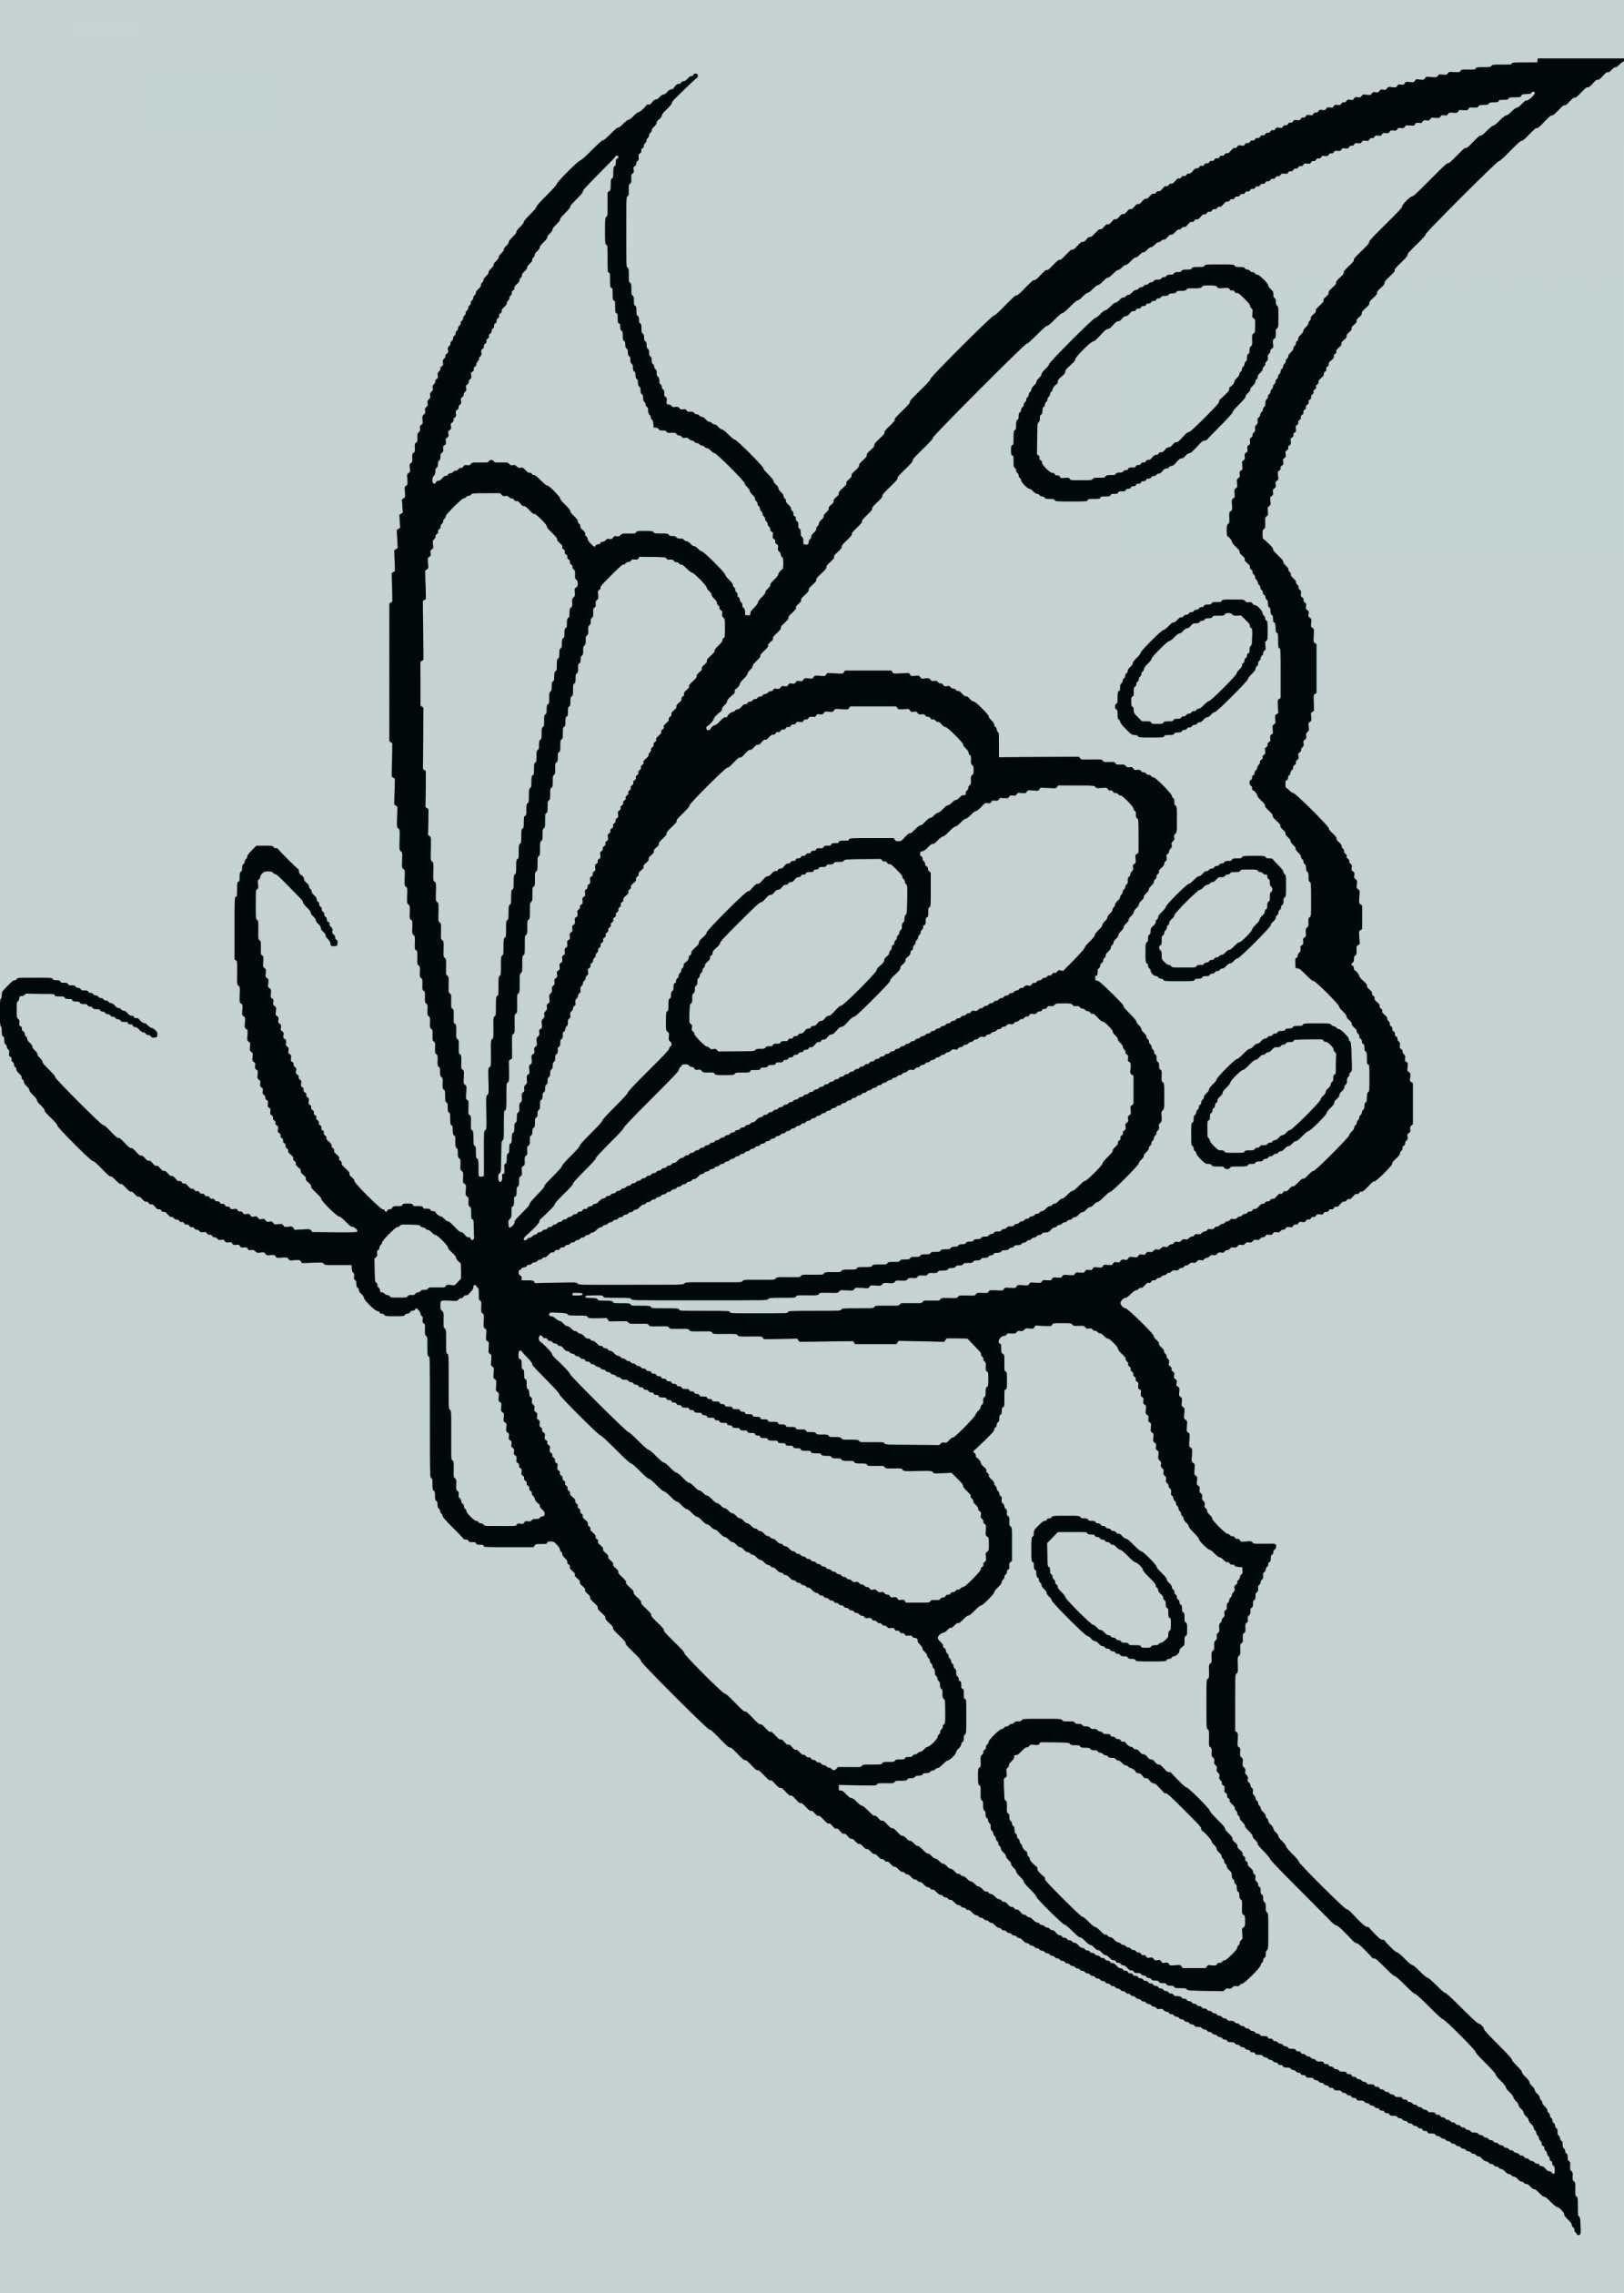 Neu Schmetterling Vorlagen In 2020 | Schmetterling Vorlage in Schmetterlinge Vorlagen